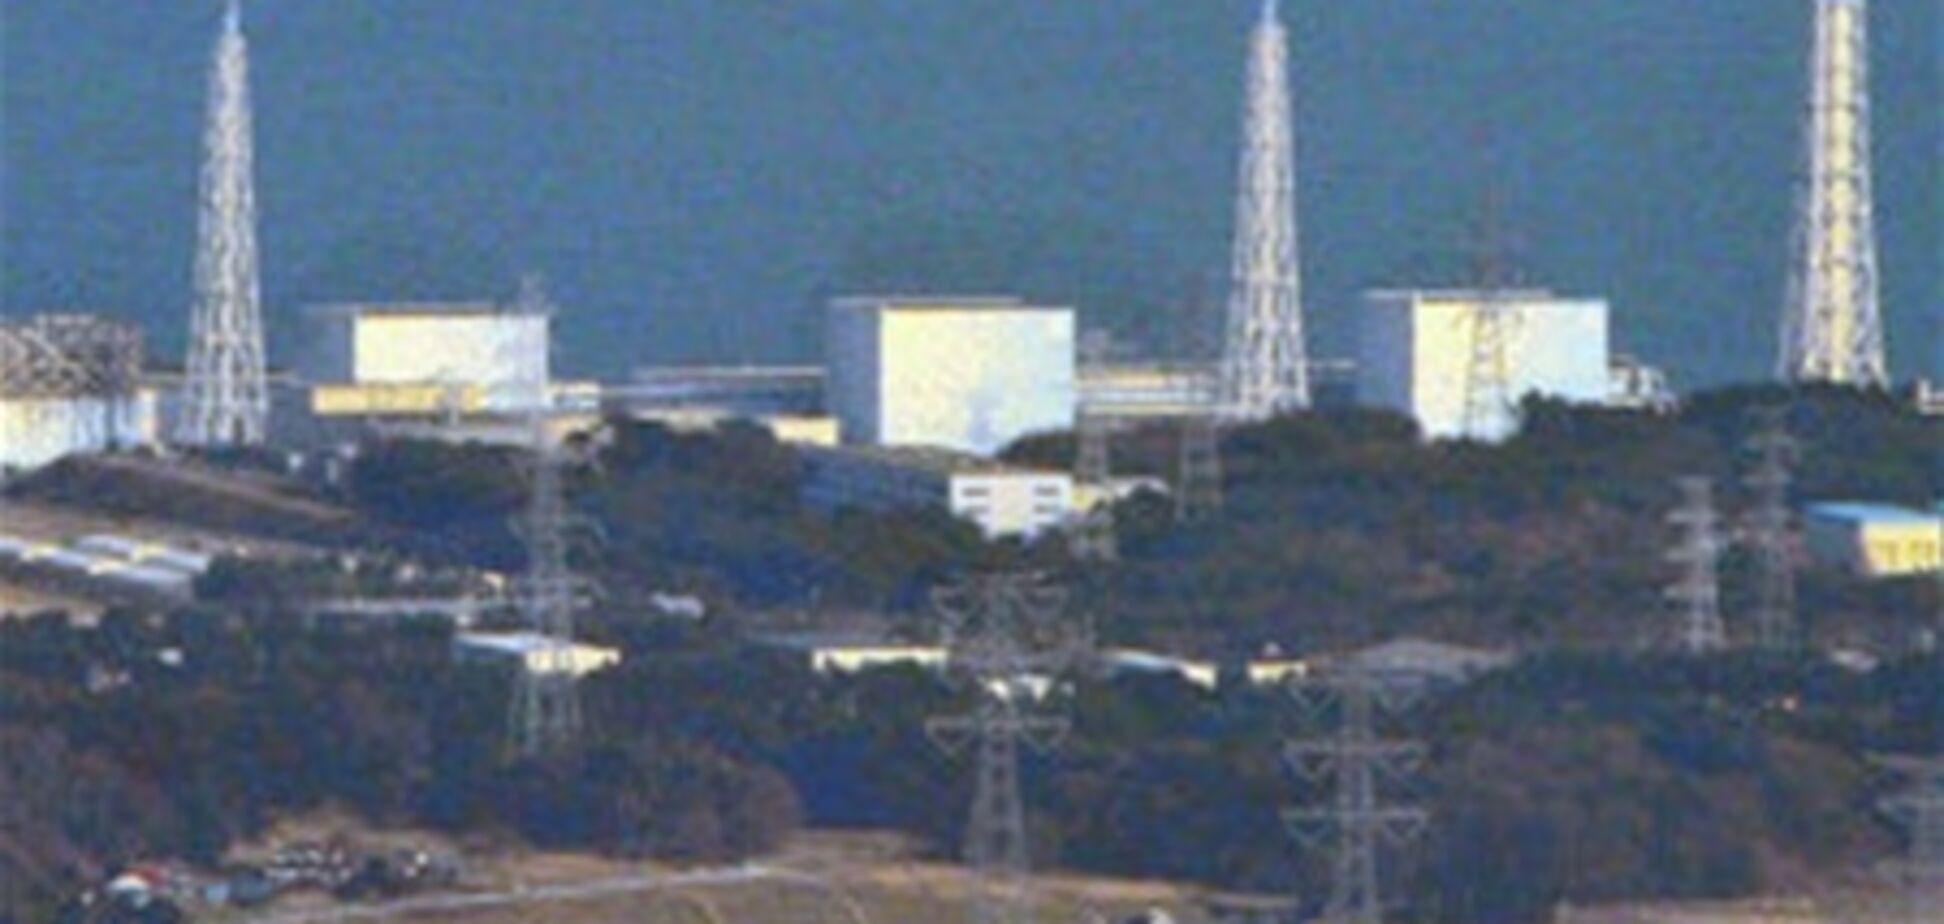 Система охолодження другого реактора АЕС 'Фукусіма-1' зупинилася